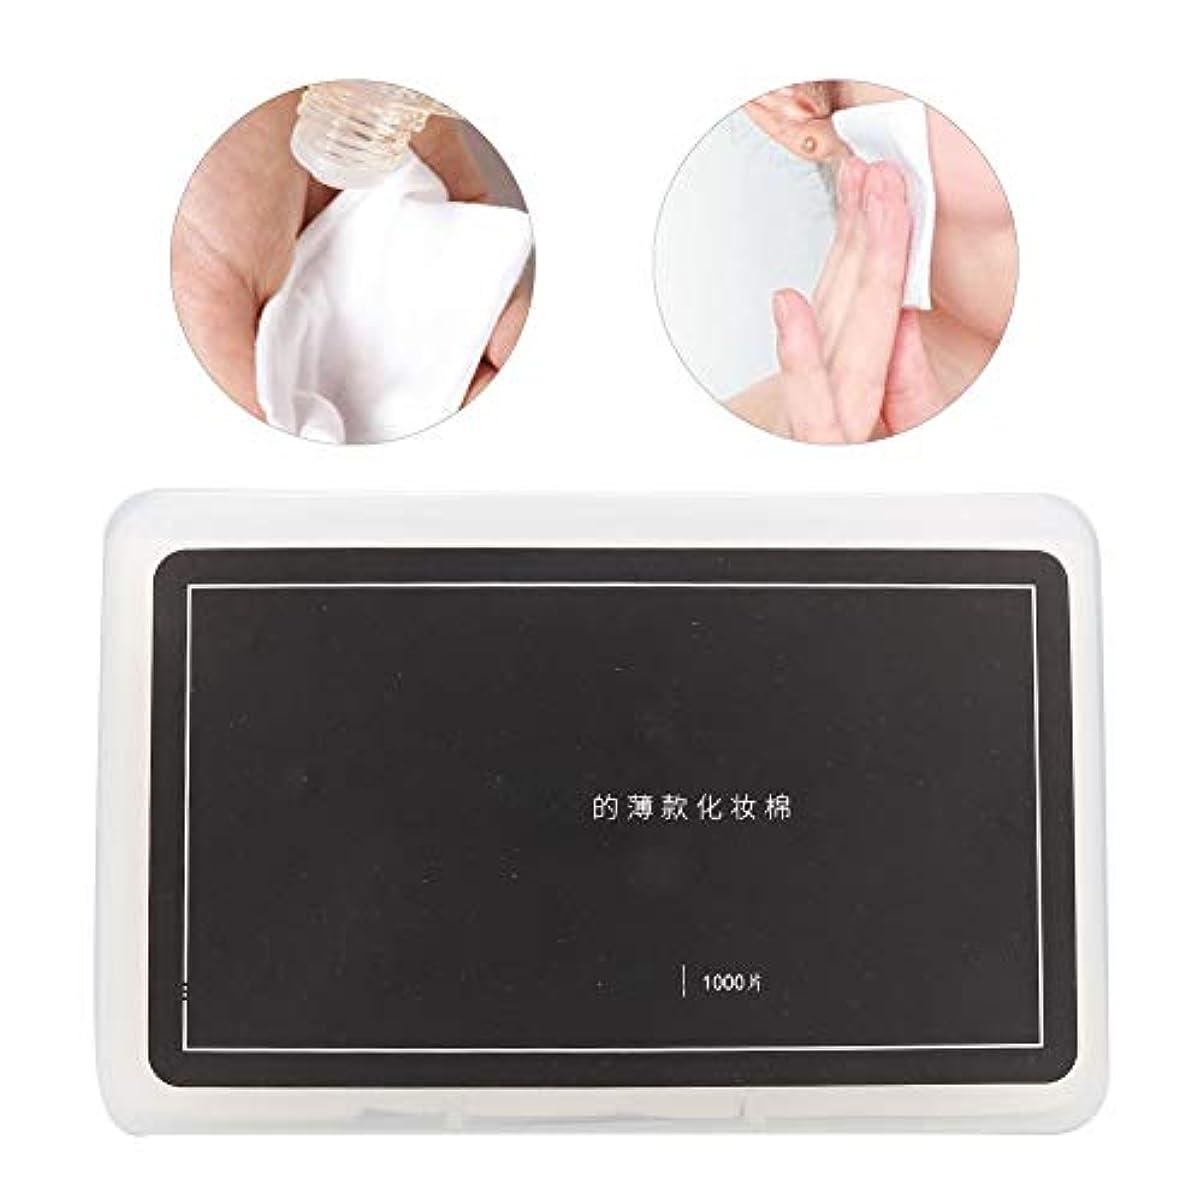 1000Pcs化粧コットンパッド、化粧落としネイルケア肌のためのボックスパッケージが付いている柔らかく穏やかな引き裂き抵抗の綿きれいに、不織布乾いたと濡れたデュアルユースコットン(1)